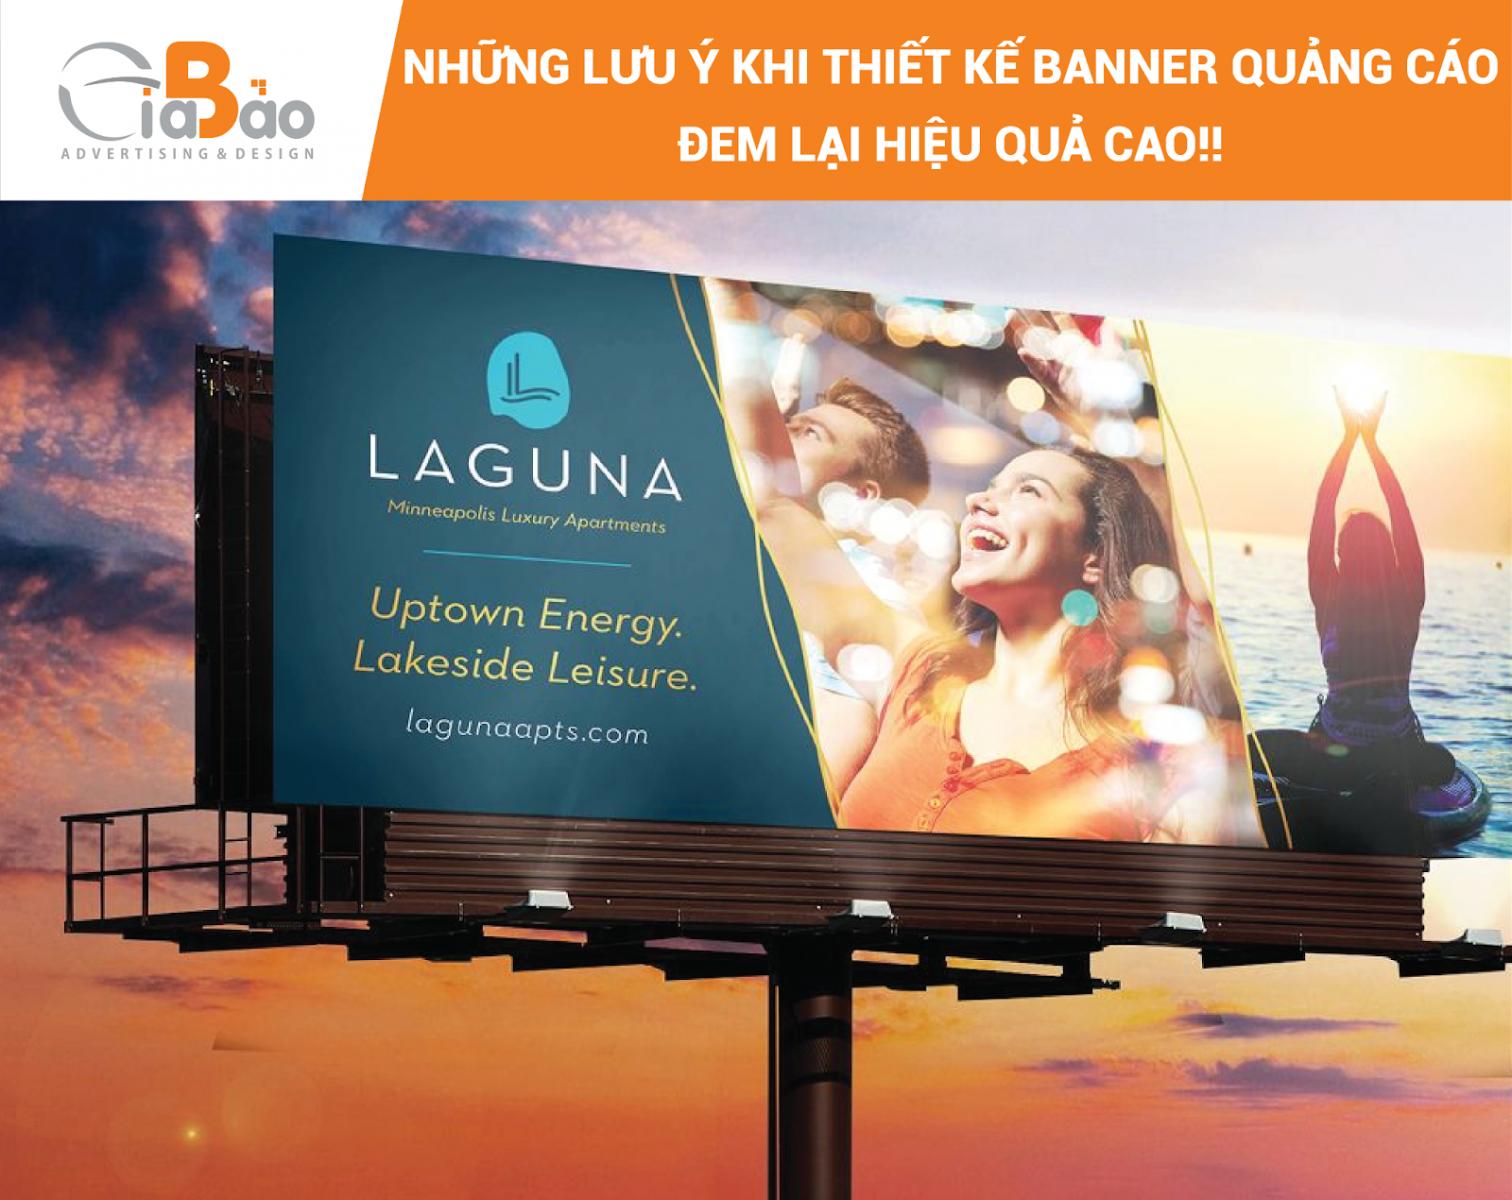 Những lưu ý khi thiết kế banner quảng cáo đem lại hiệu quả cao!!